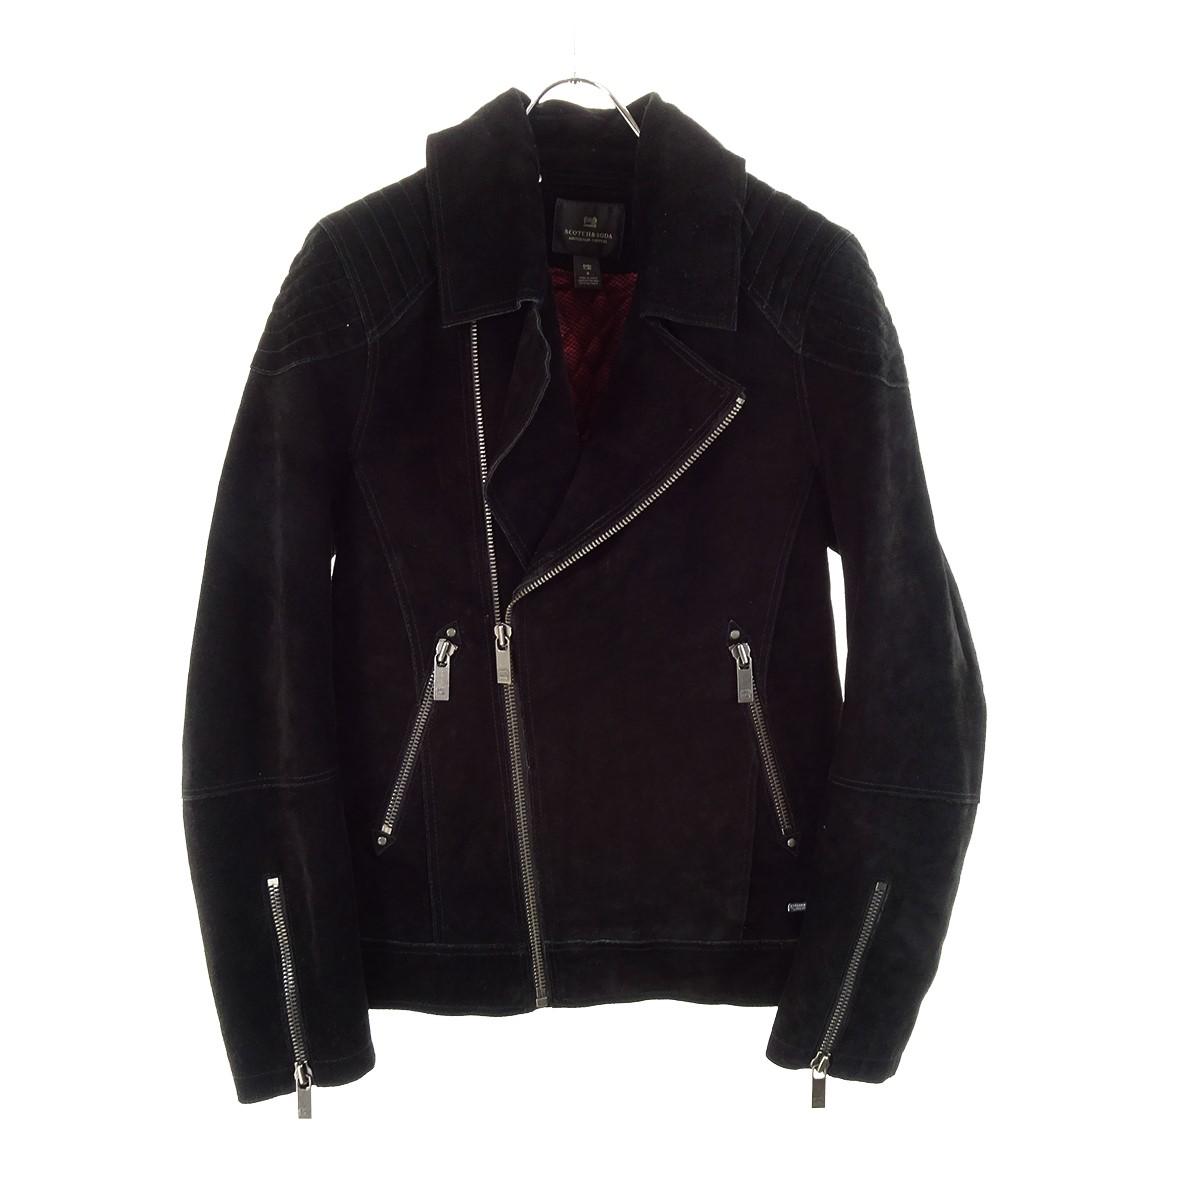 【中古】SCOTCH&SODA スウェードレザーライダースジャケット ブラック サイズ:S 【200919】(スコッチアンドソーダ)